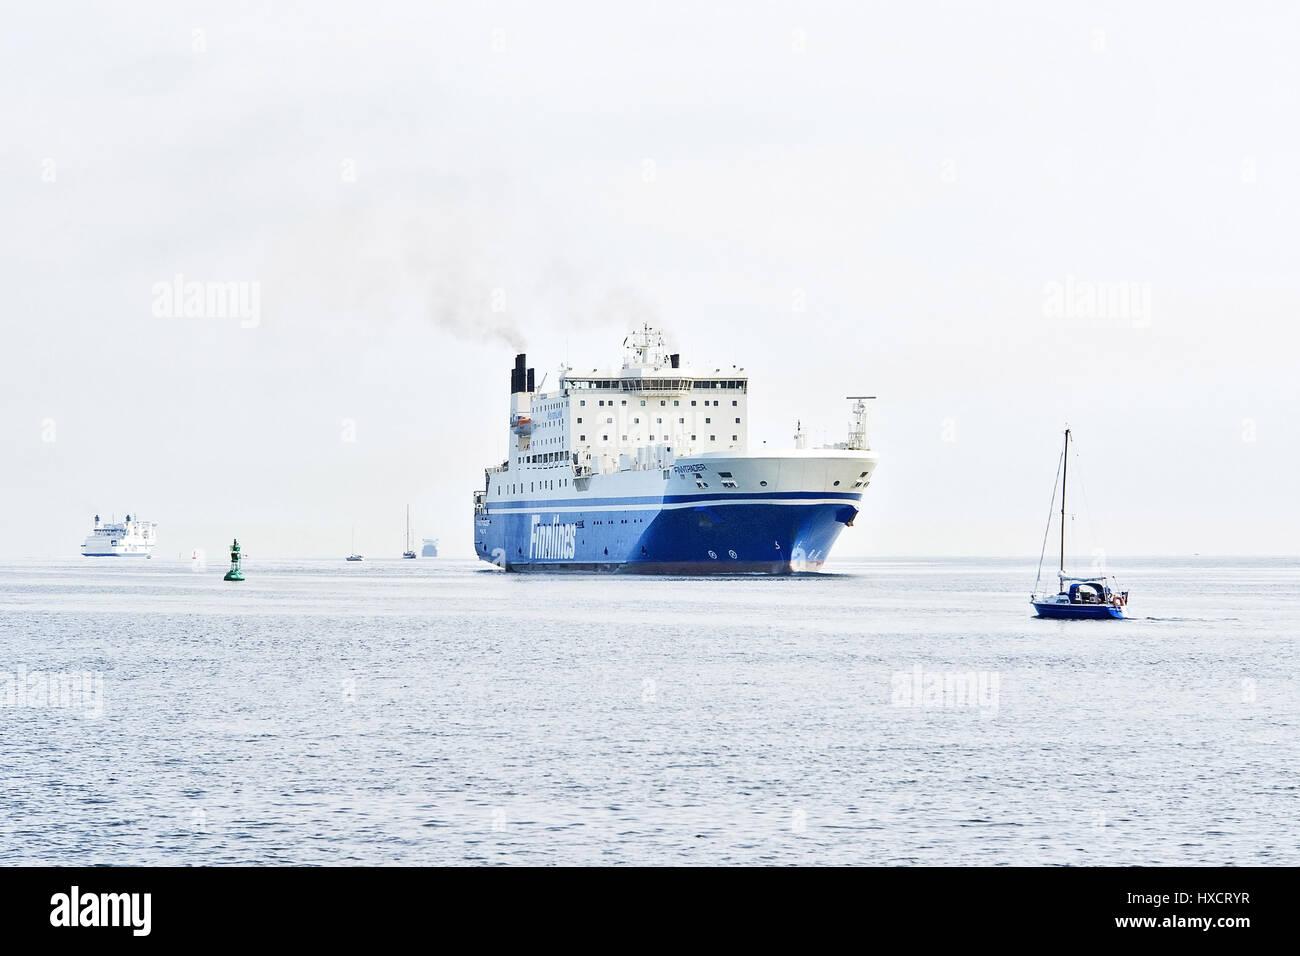 Ferry of the Finnlines in the L?beck bay before Travem?nde, Faehre der Finnlines in der Luebecker Bucht vor Travemuende - Stock Image